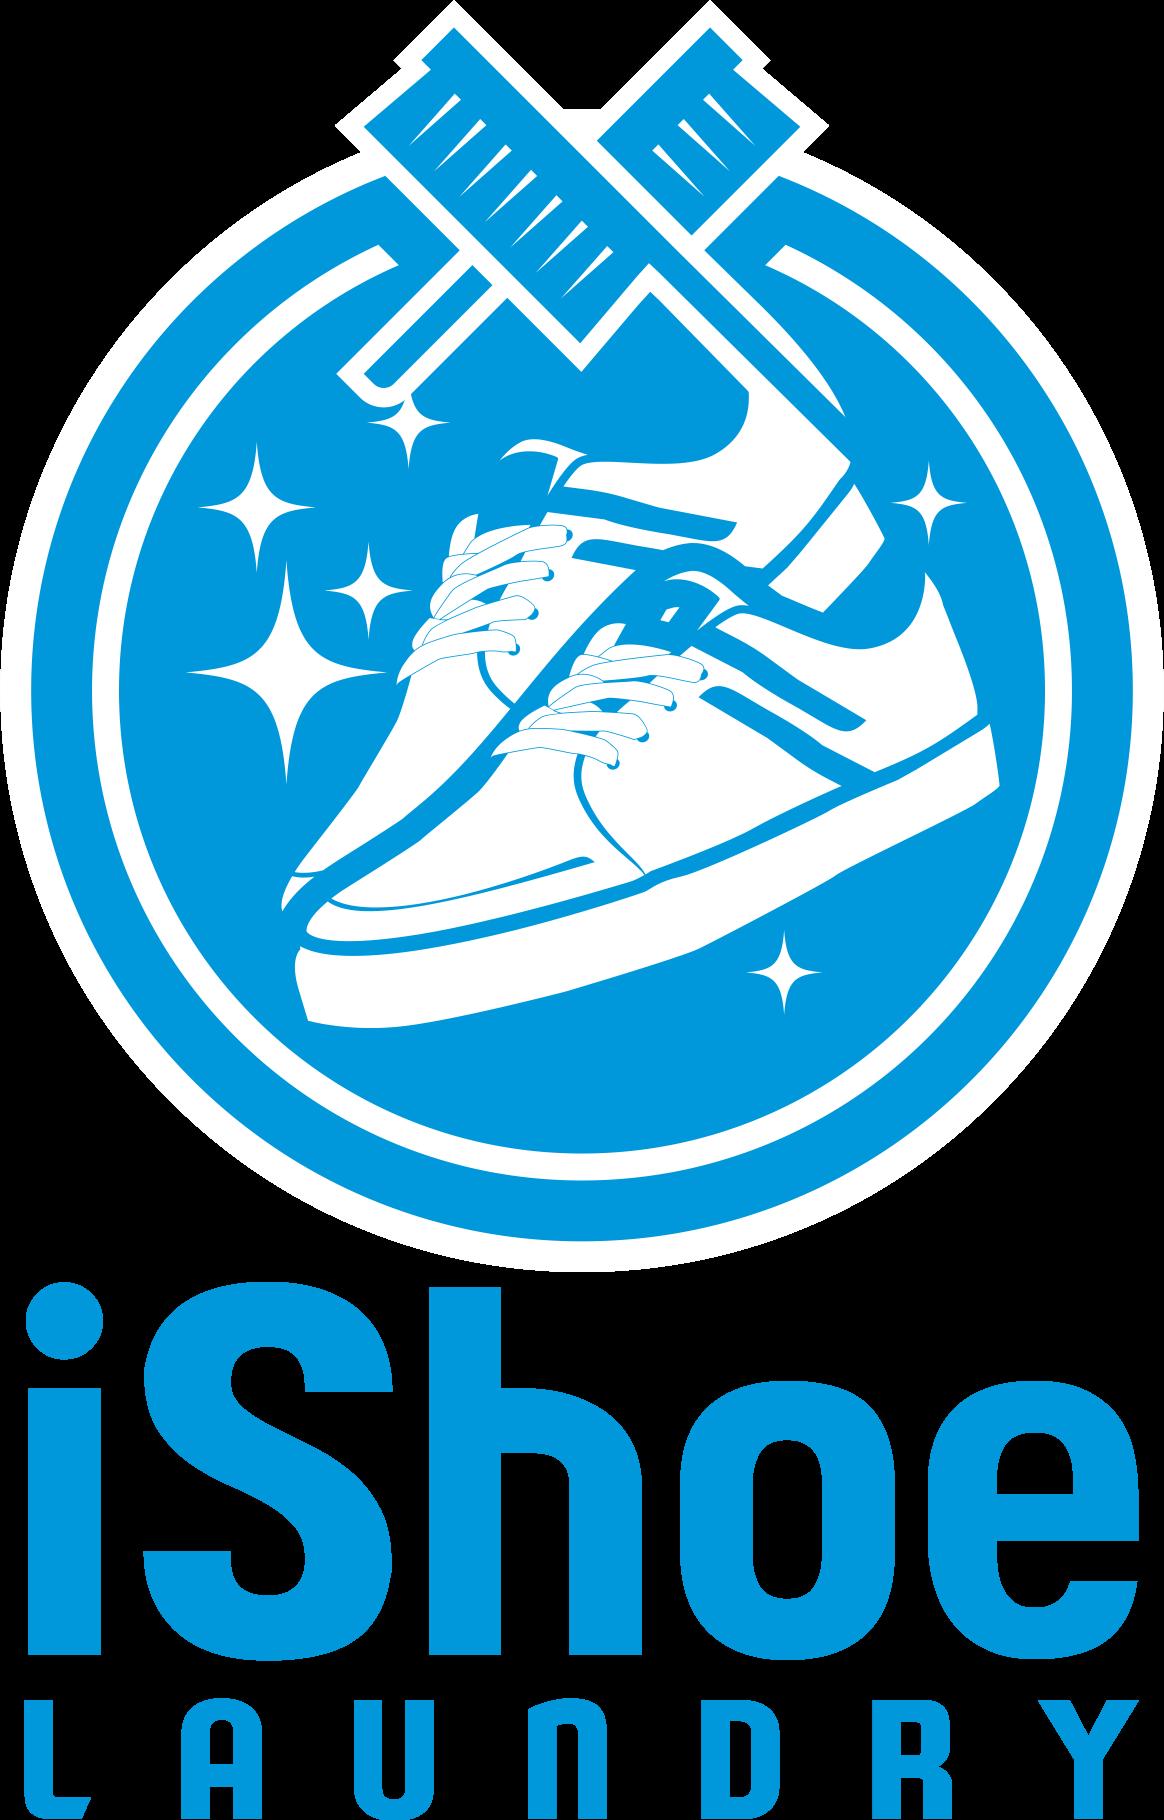 iShoe Laundry Logo 1